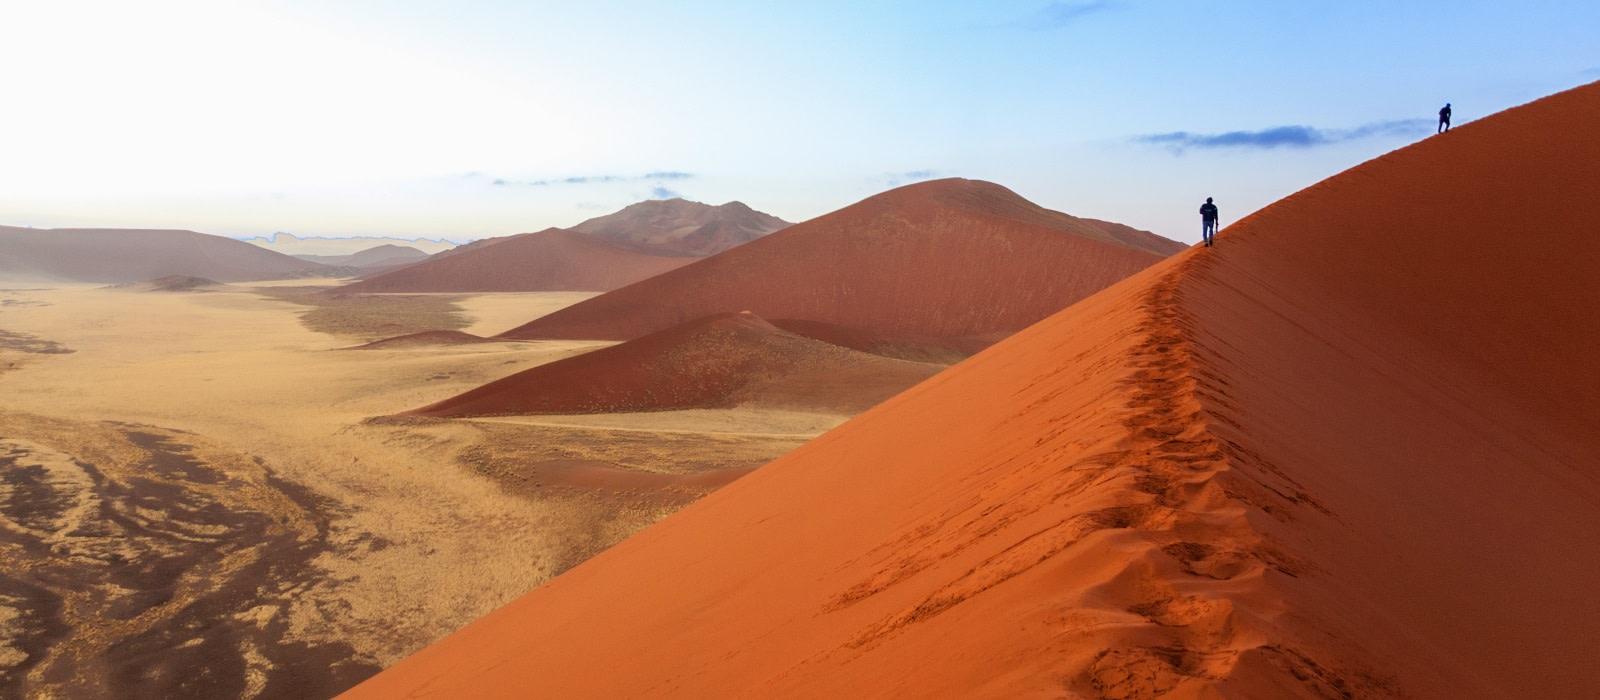 Destination Namib Desert Namibia